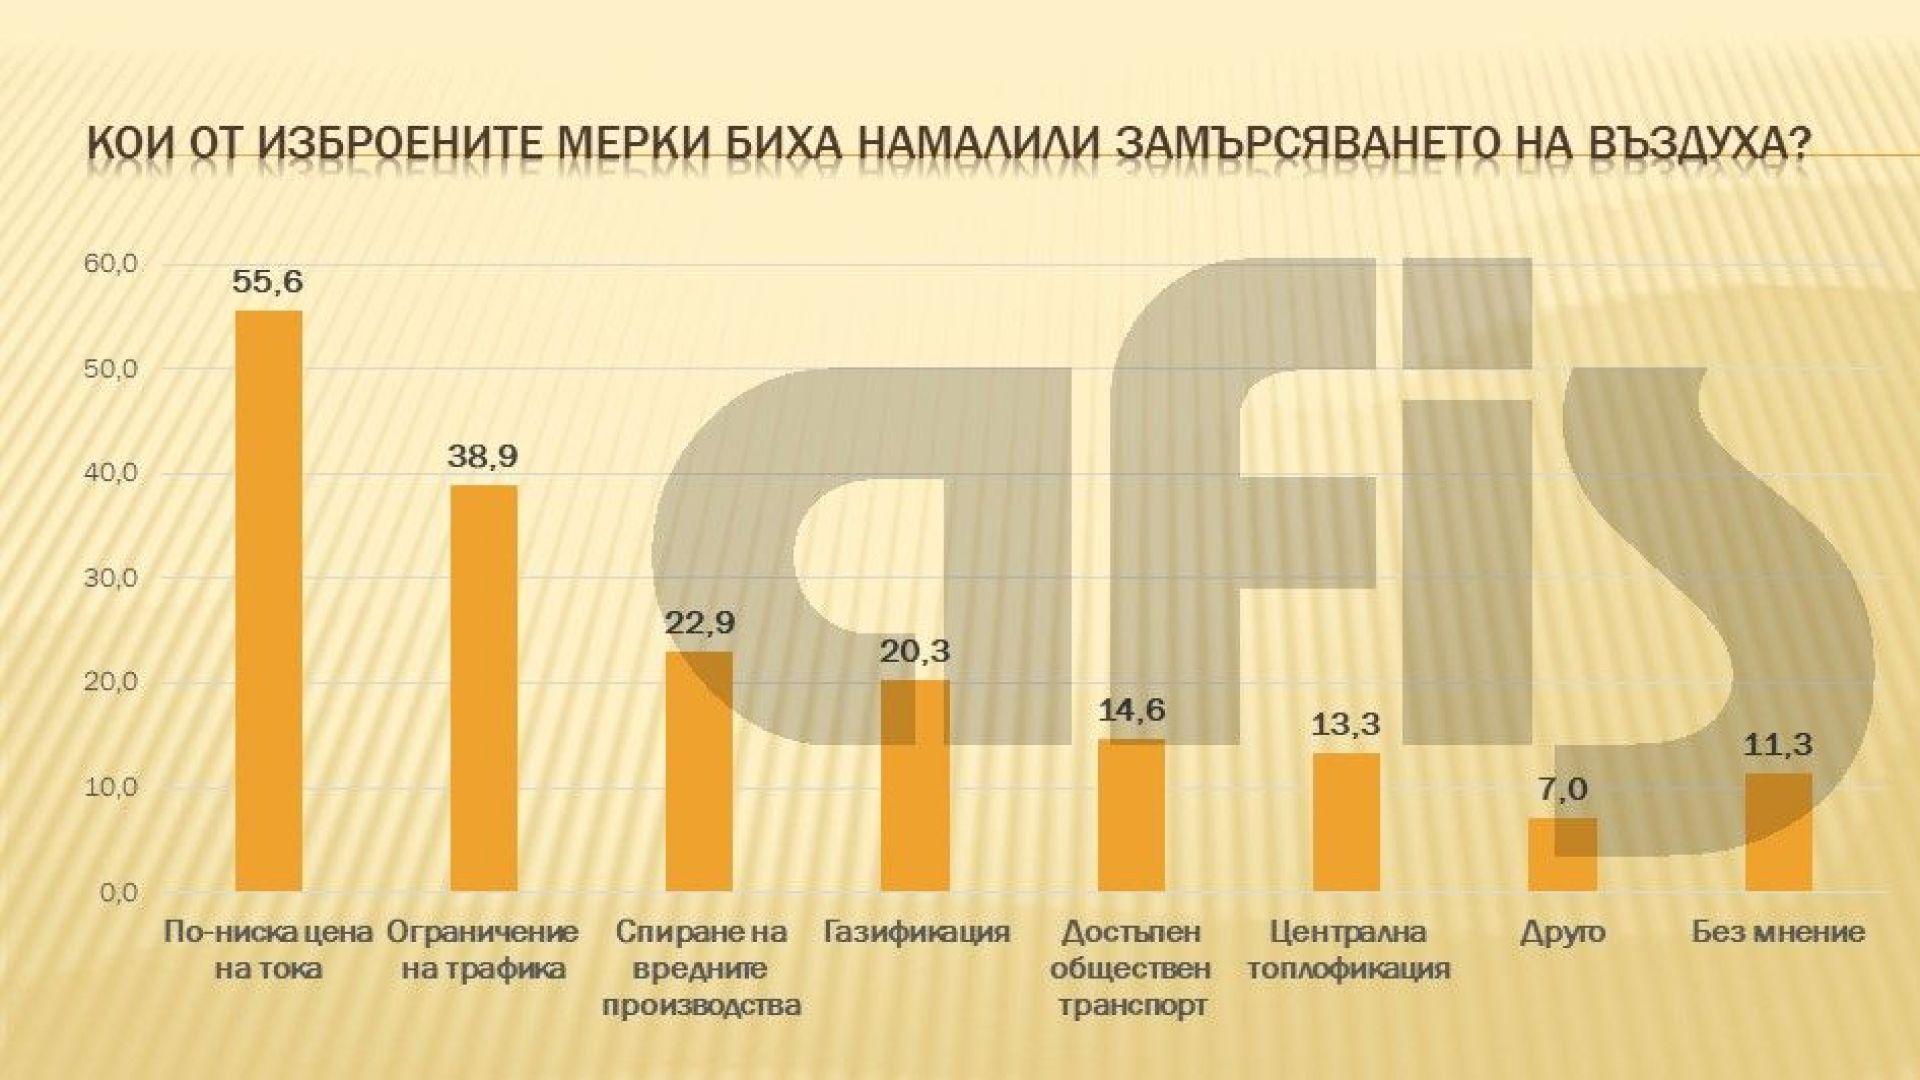 """""""АФИС"""": 56% от българите смятат, че по-ниска цена на тока ще спре замърсяването на въздуха"""